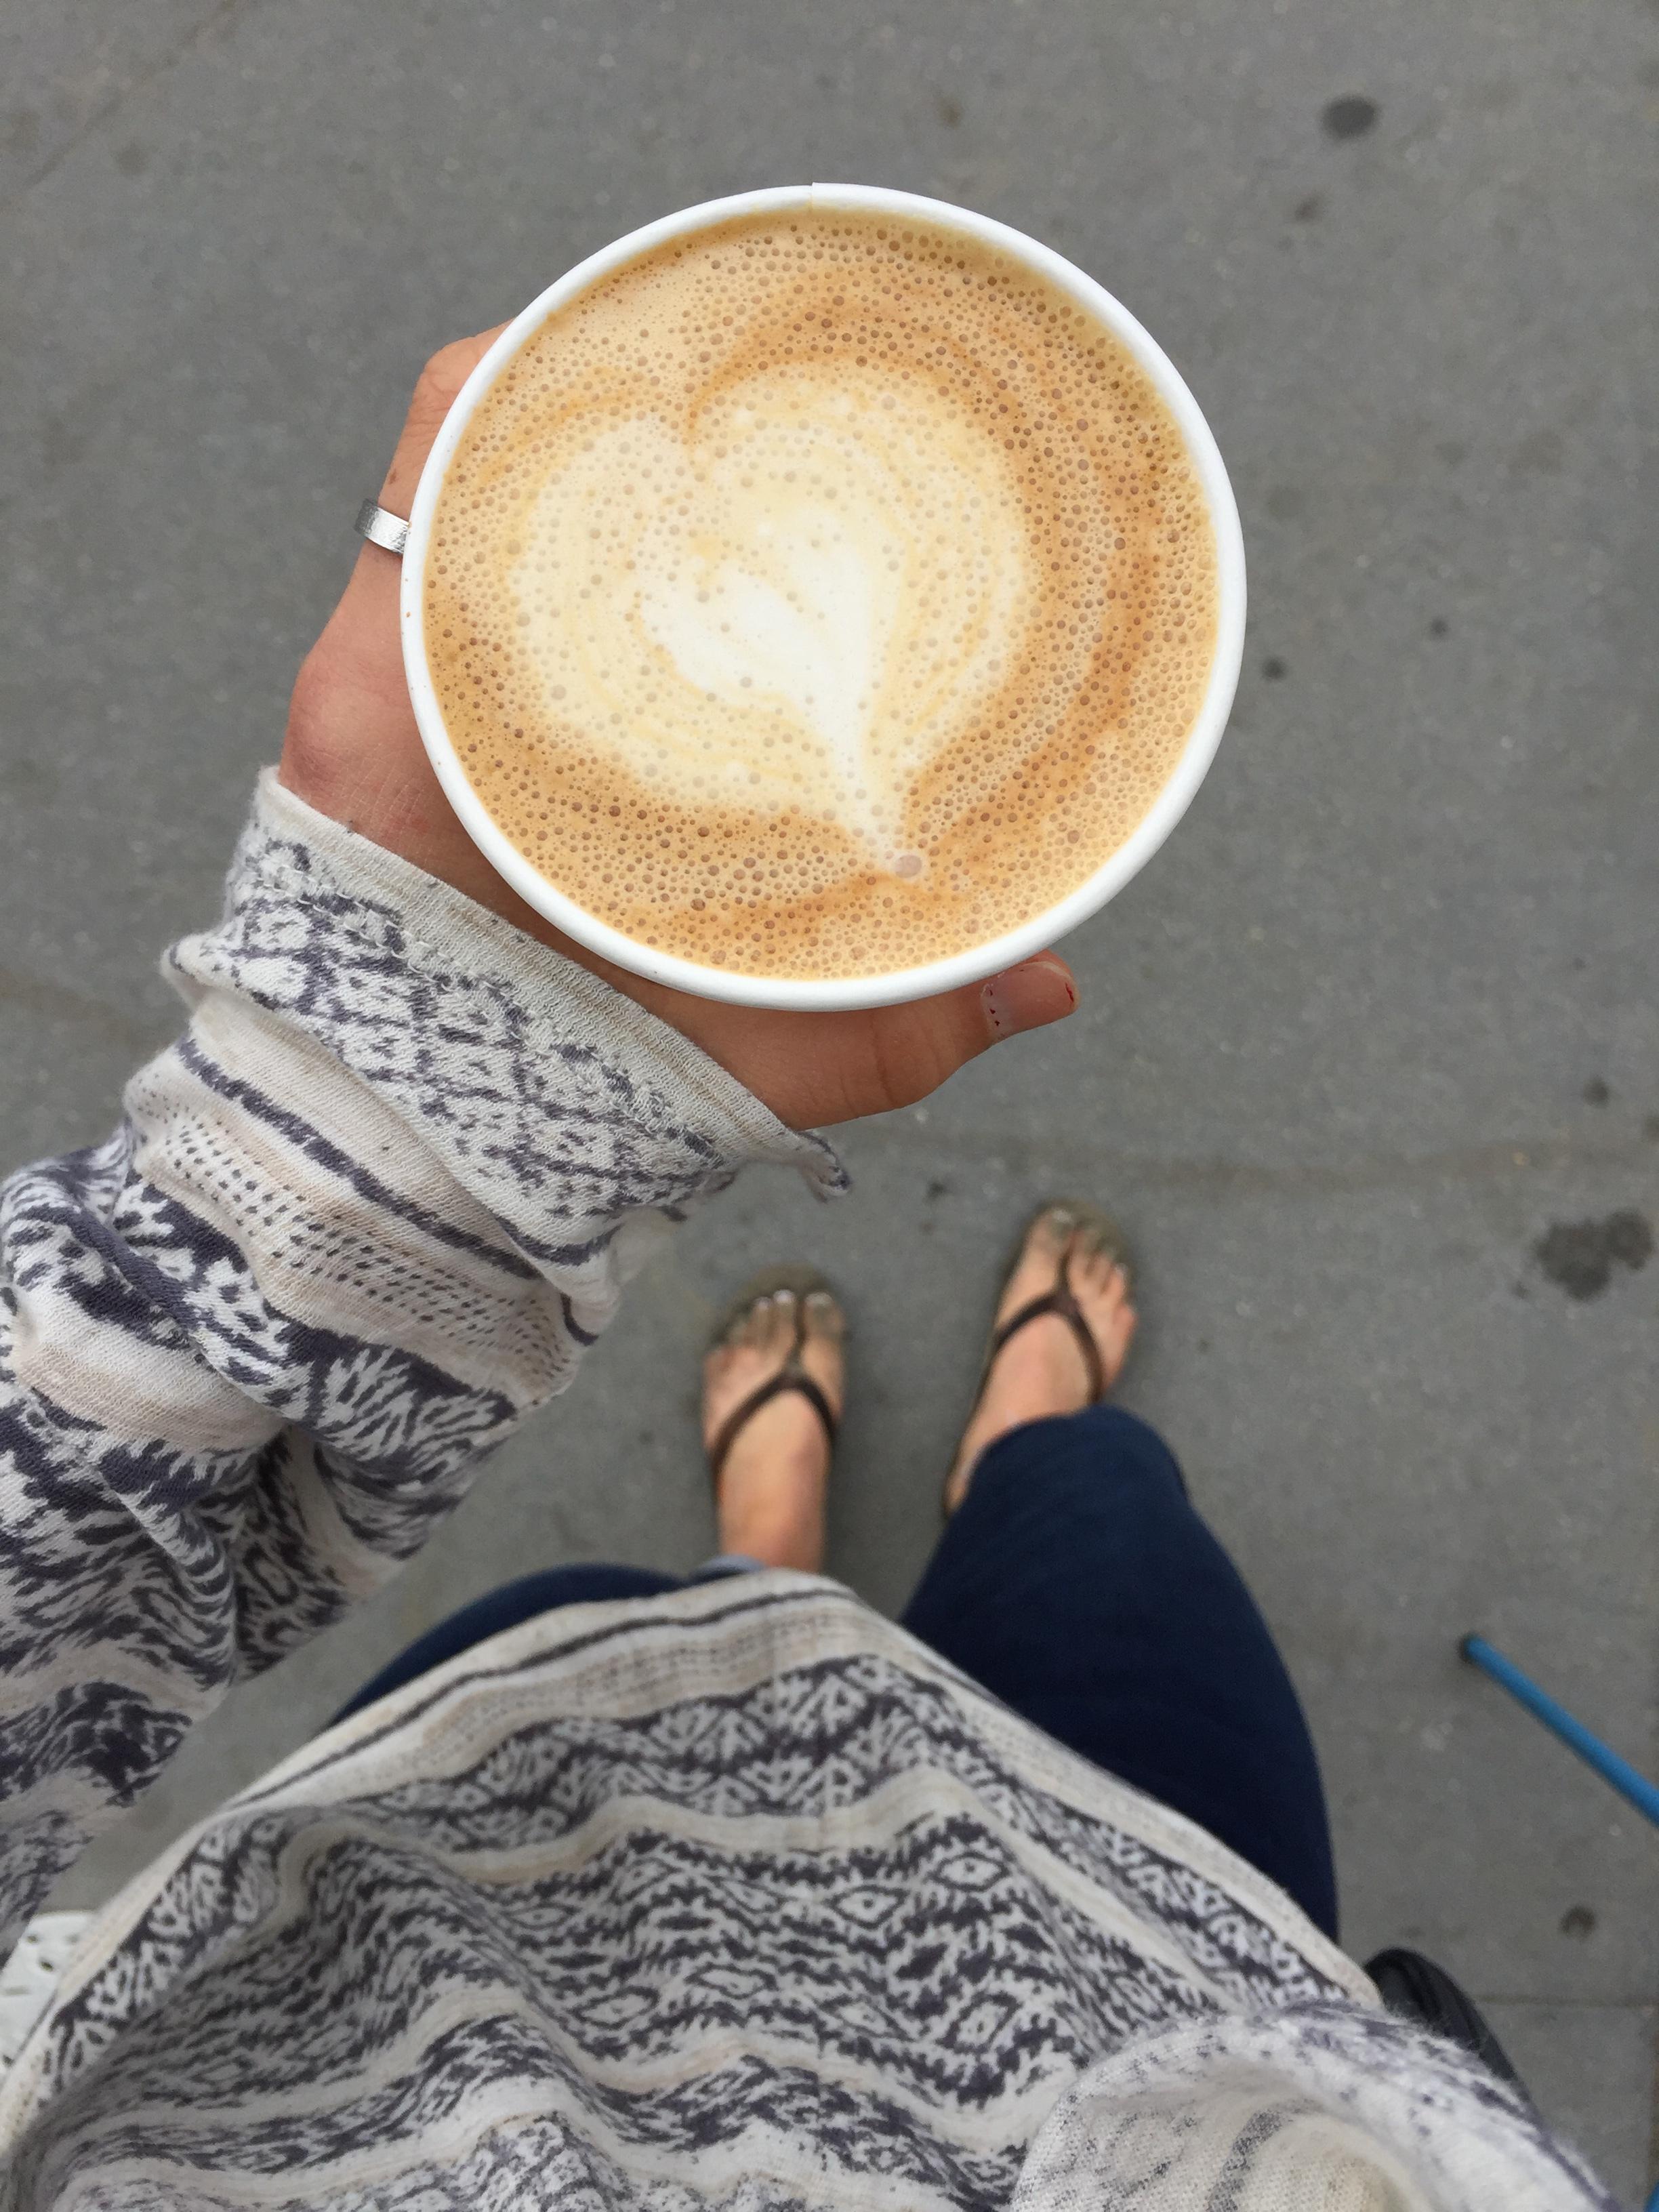 almond milk latte from  Kraken Coffee Co.  in Avila Beach.